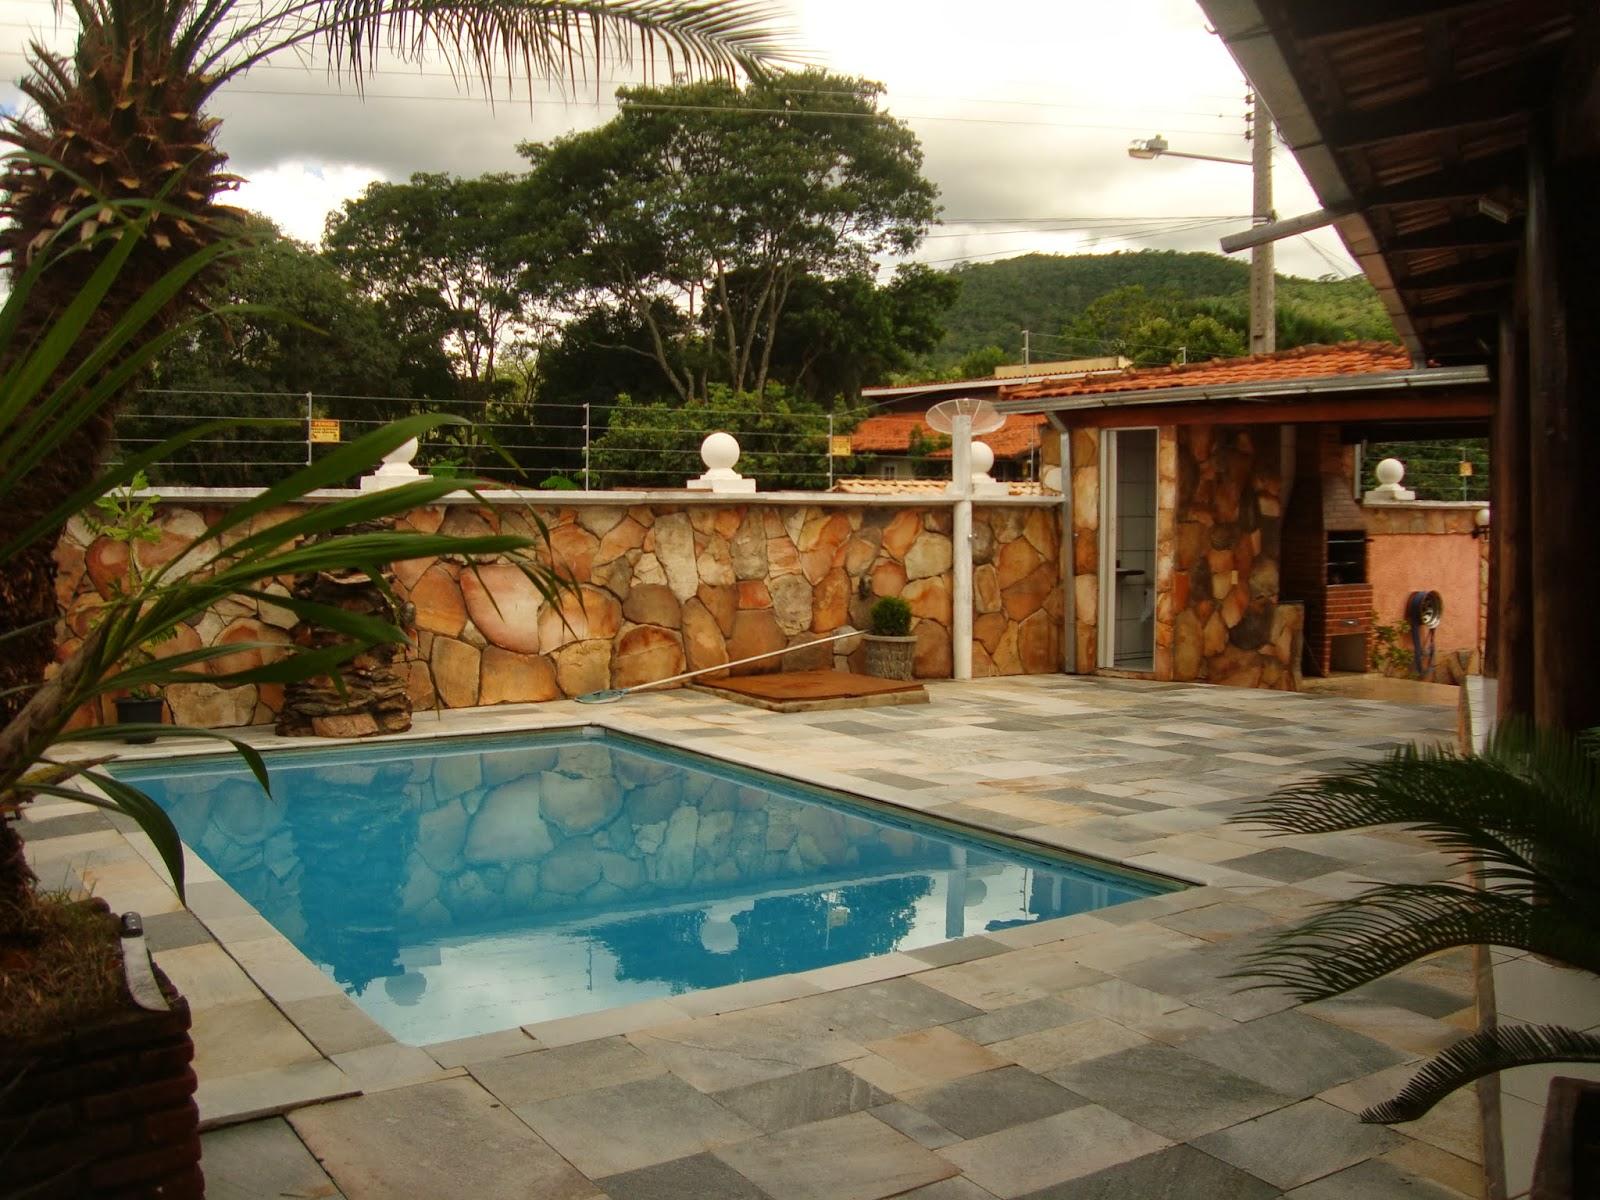 Alugar casas em piren polis mapa da pedra for Churrasqueira e piscina